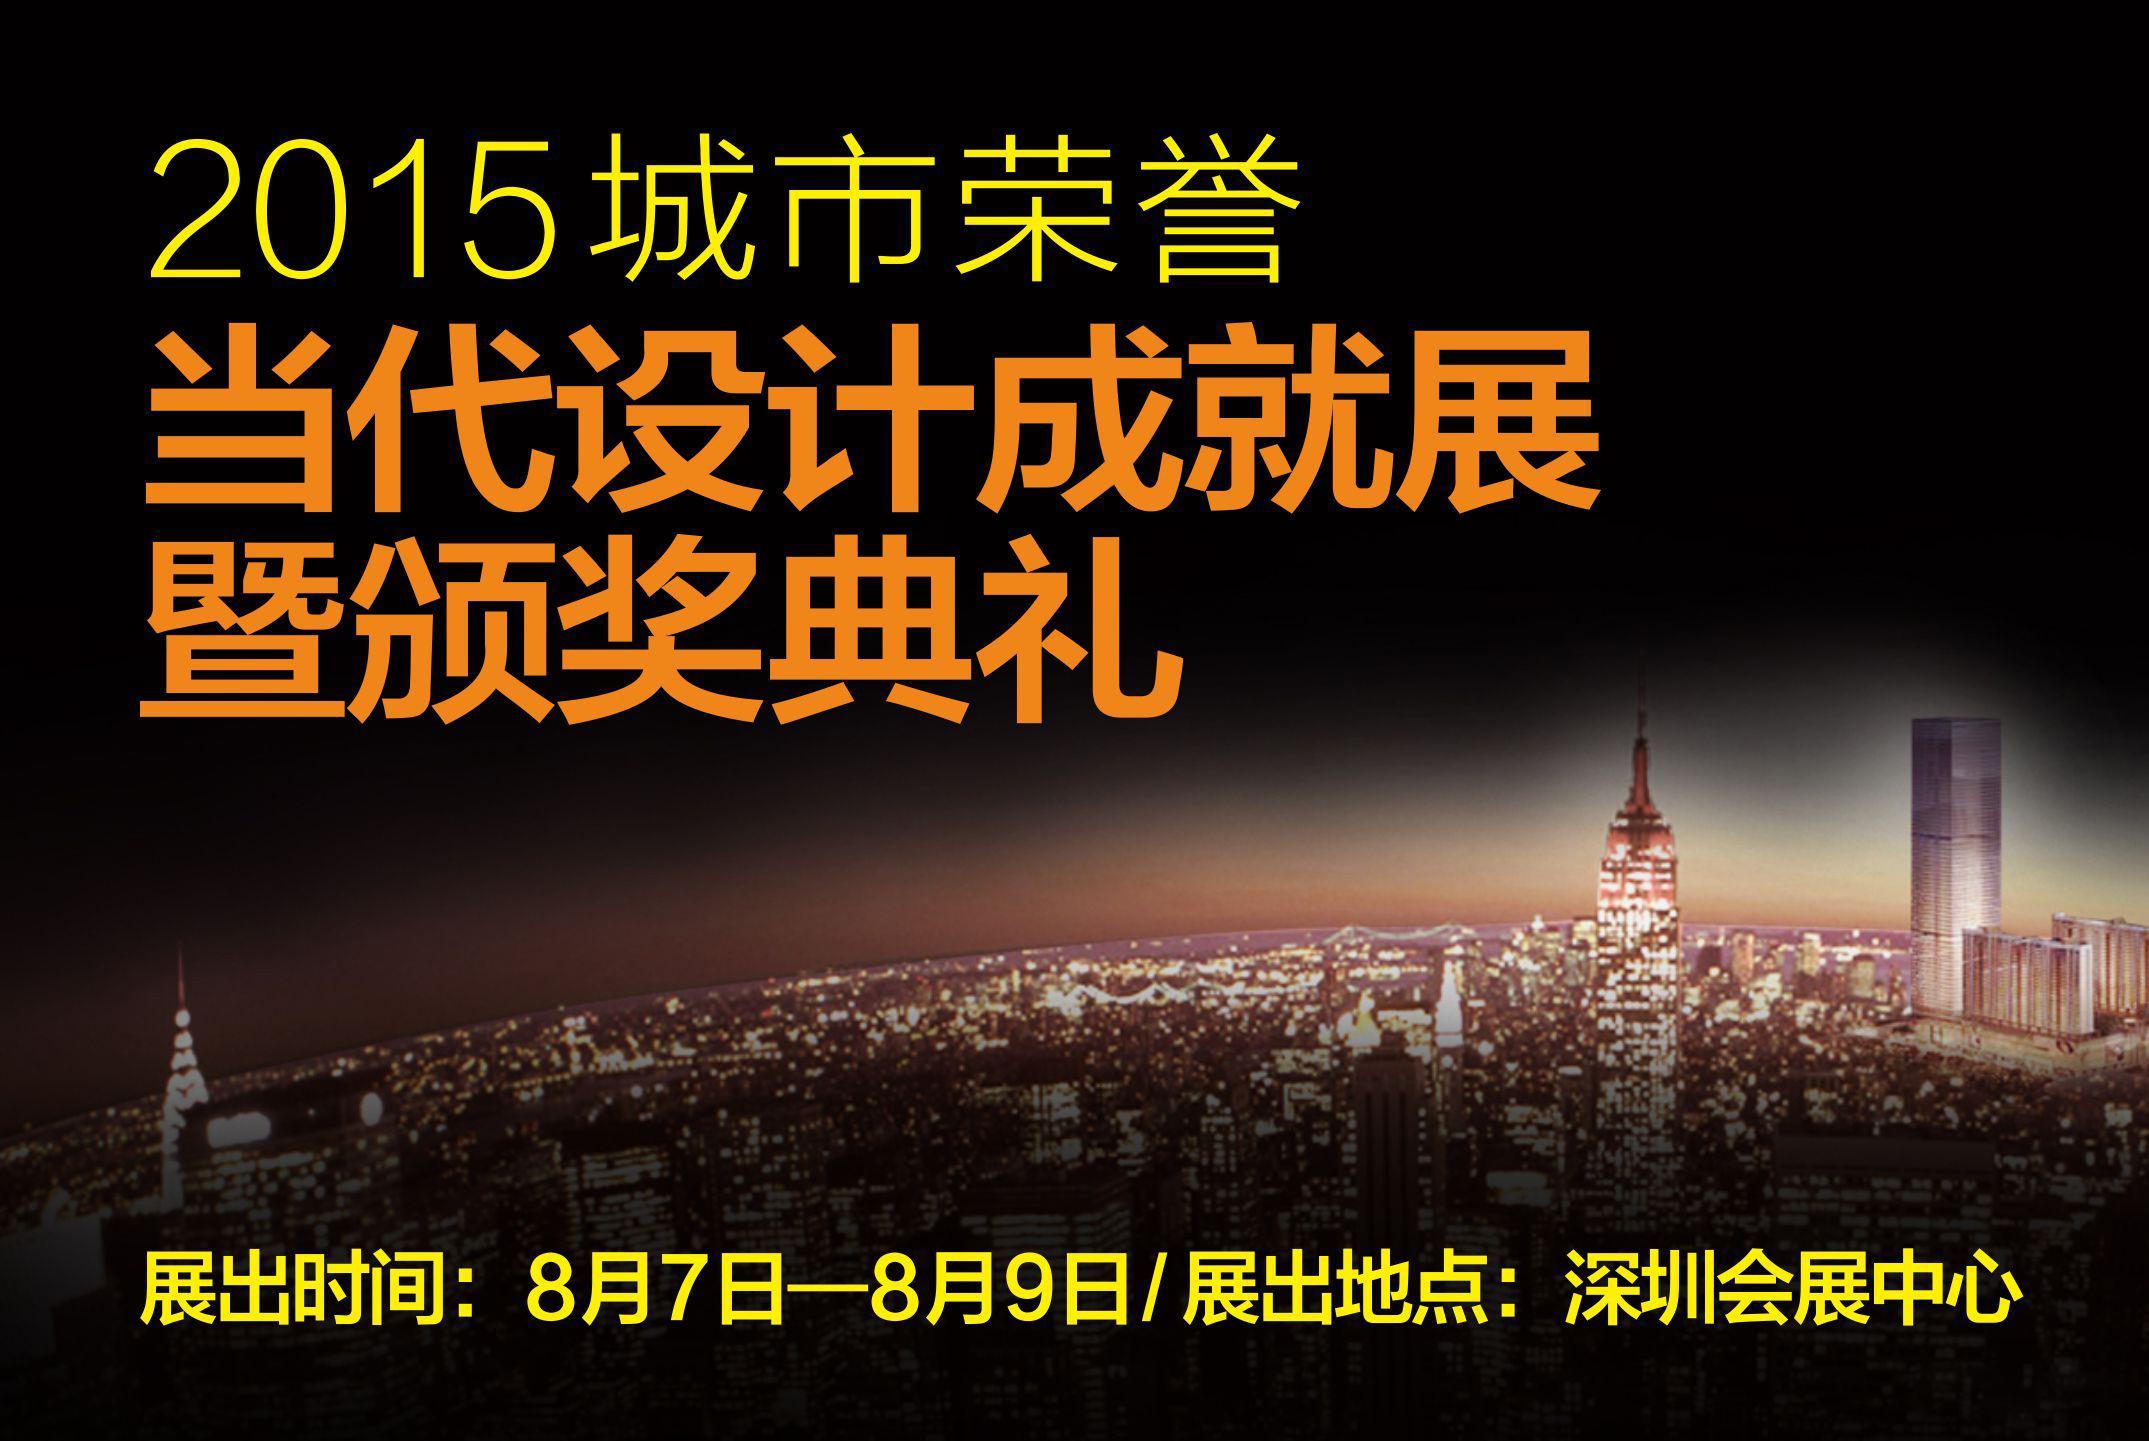 2015城市荣誉·当代设计成就展